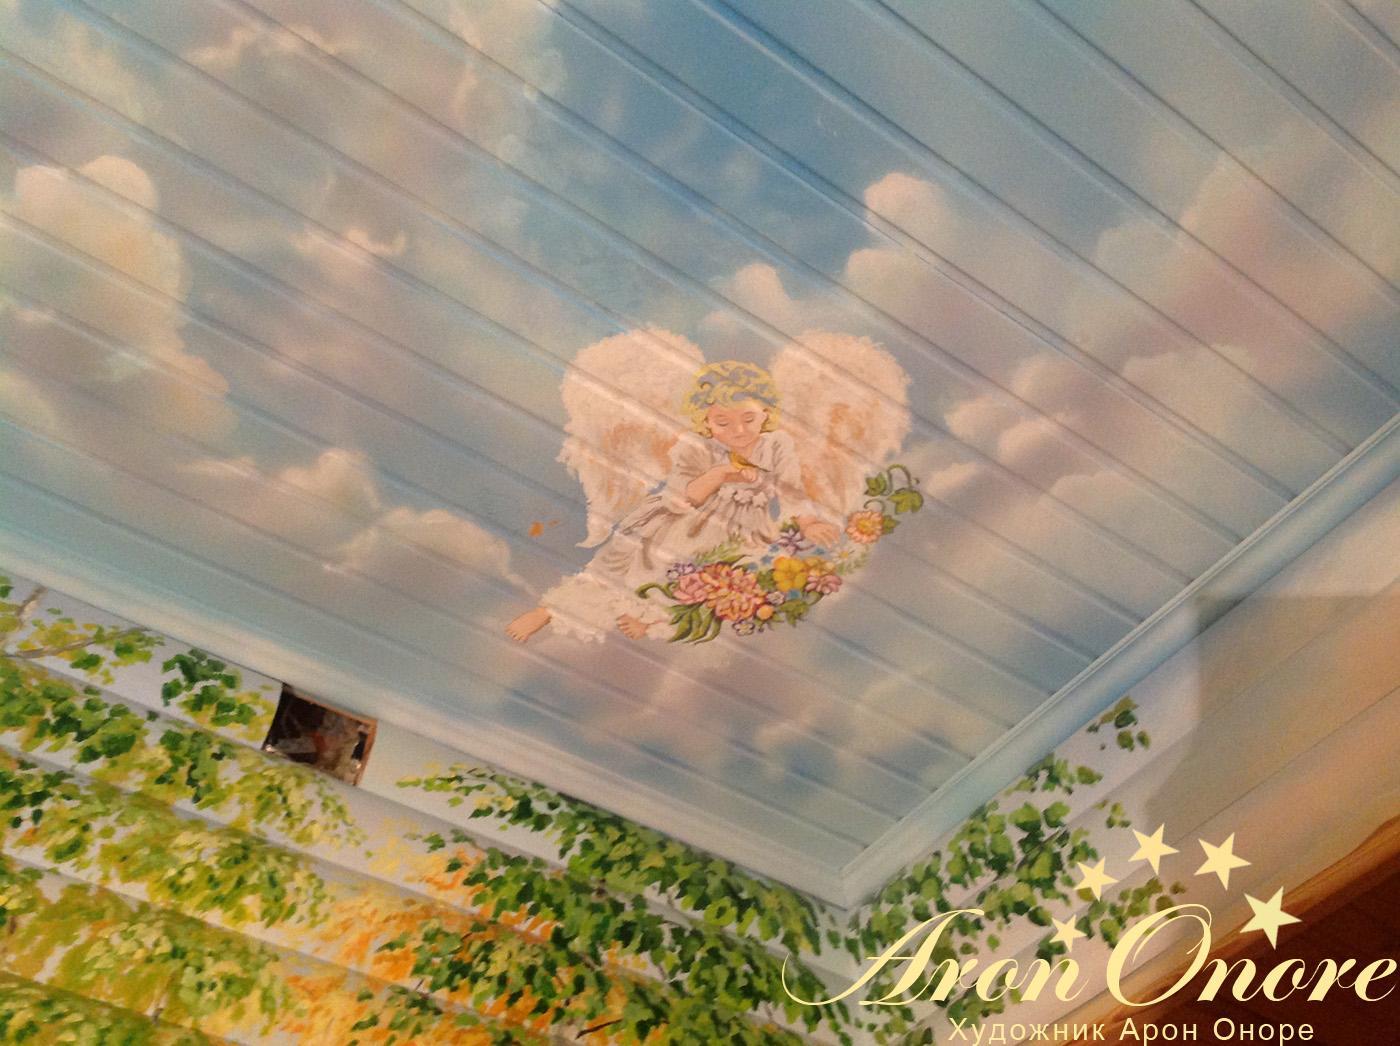 Rospis Nebo